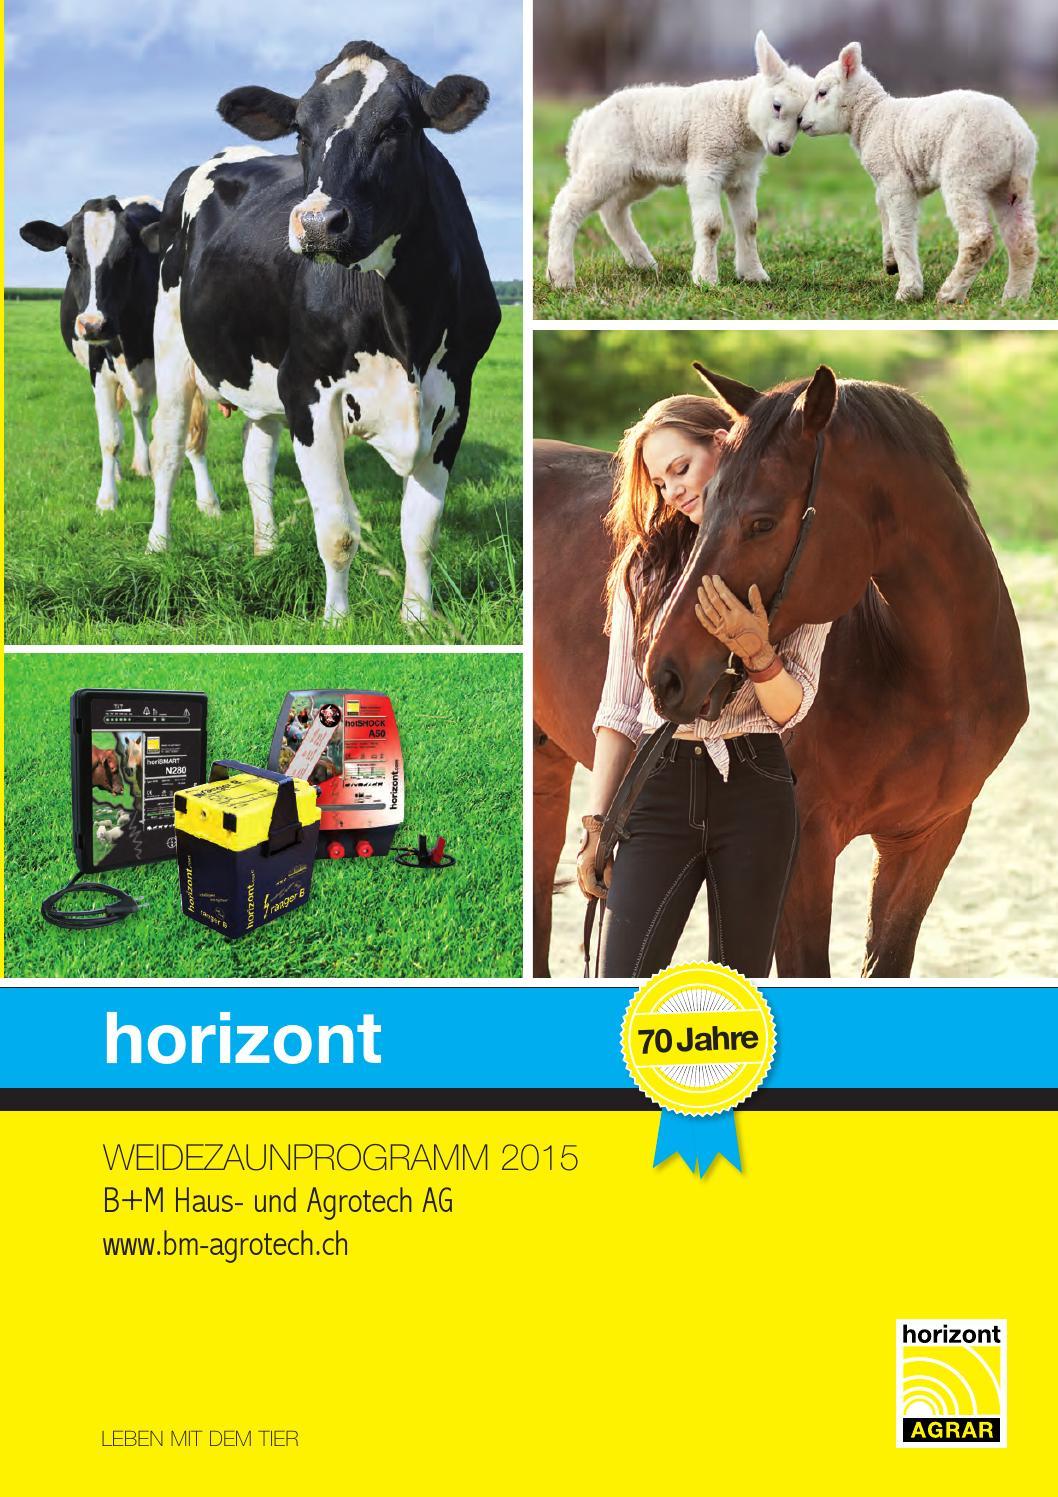 Weidezaunkatalog 2015 B+M by B+M Haus- und Agrotech AG Densbüren ...